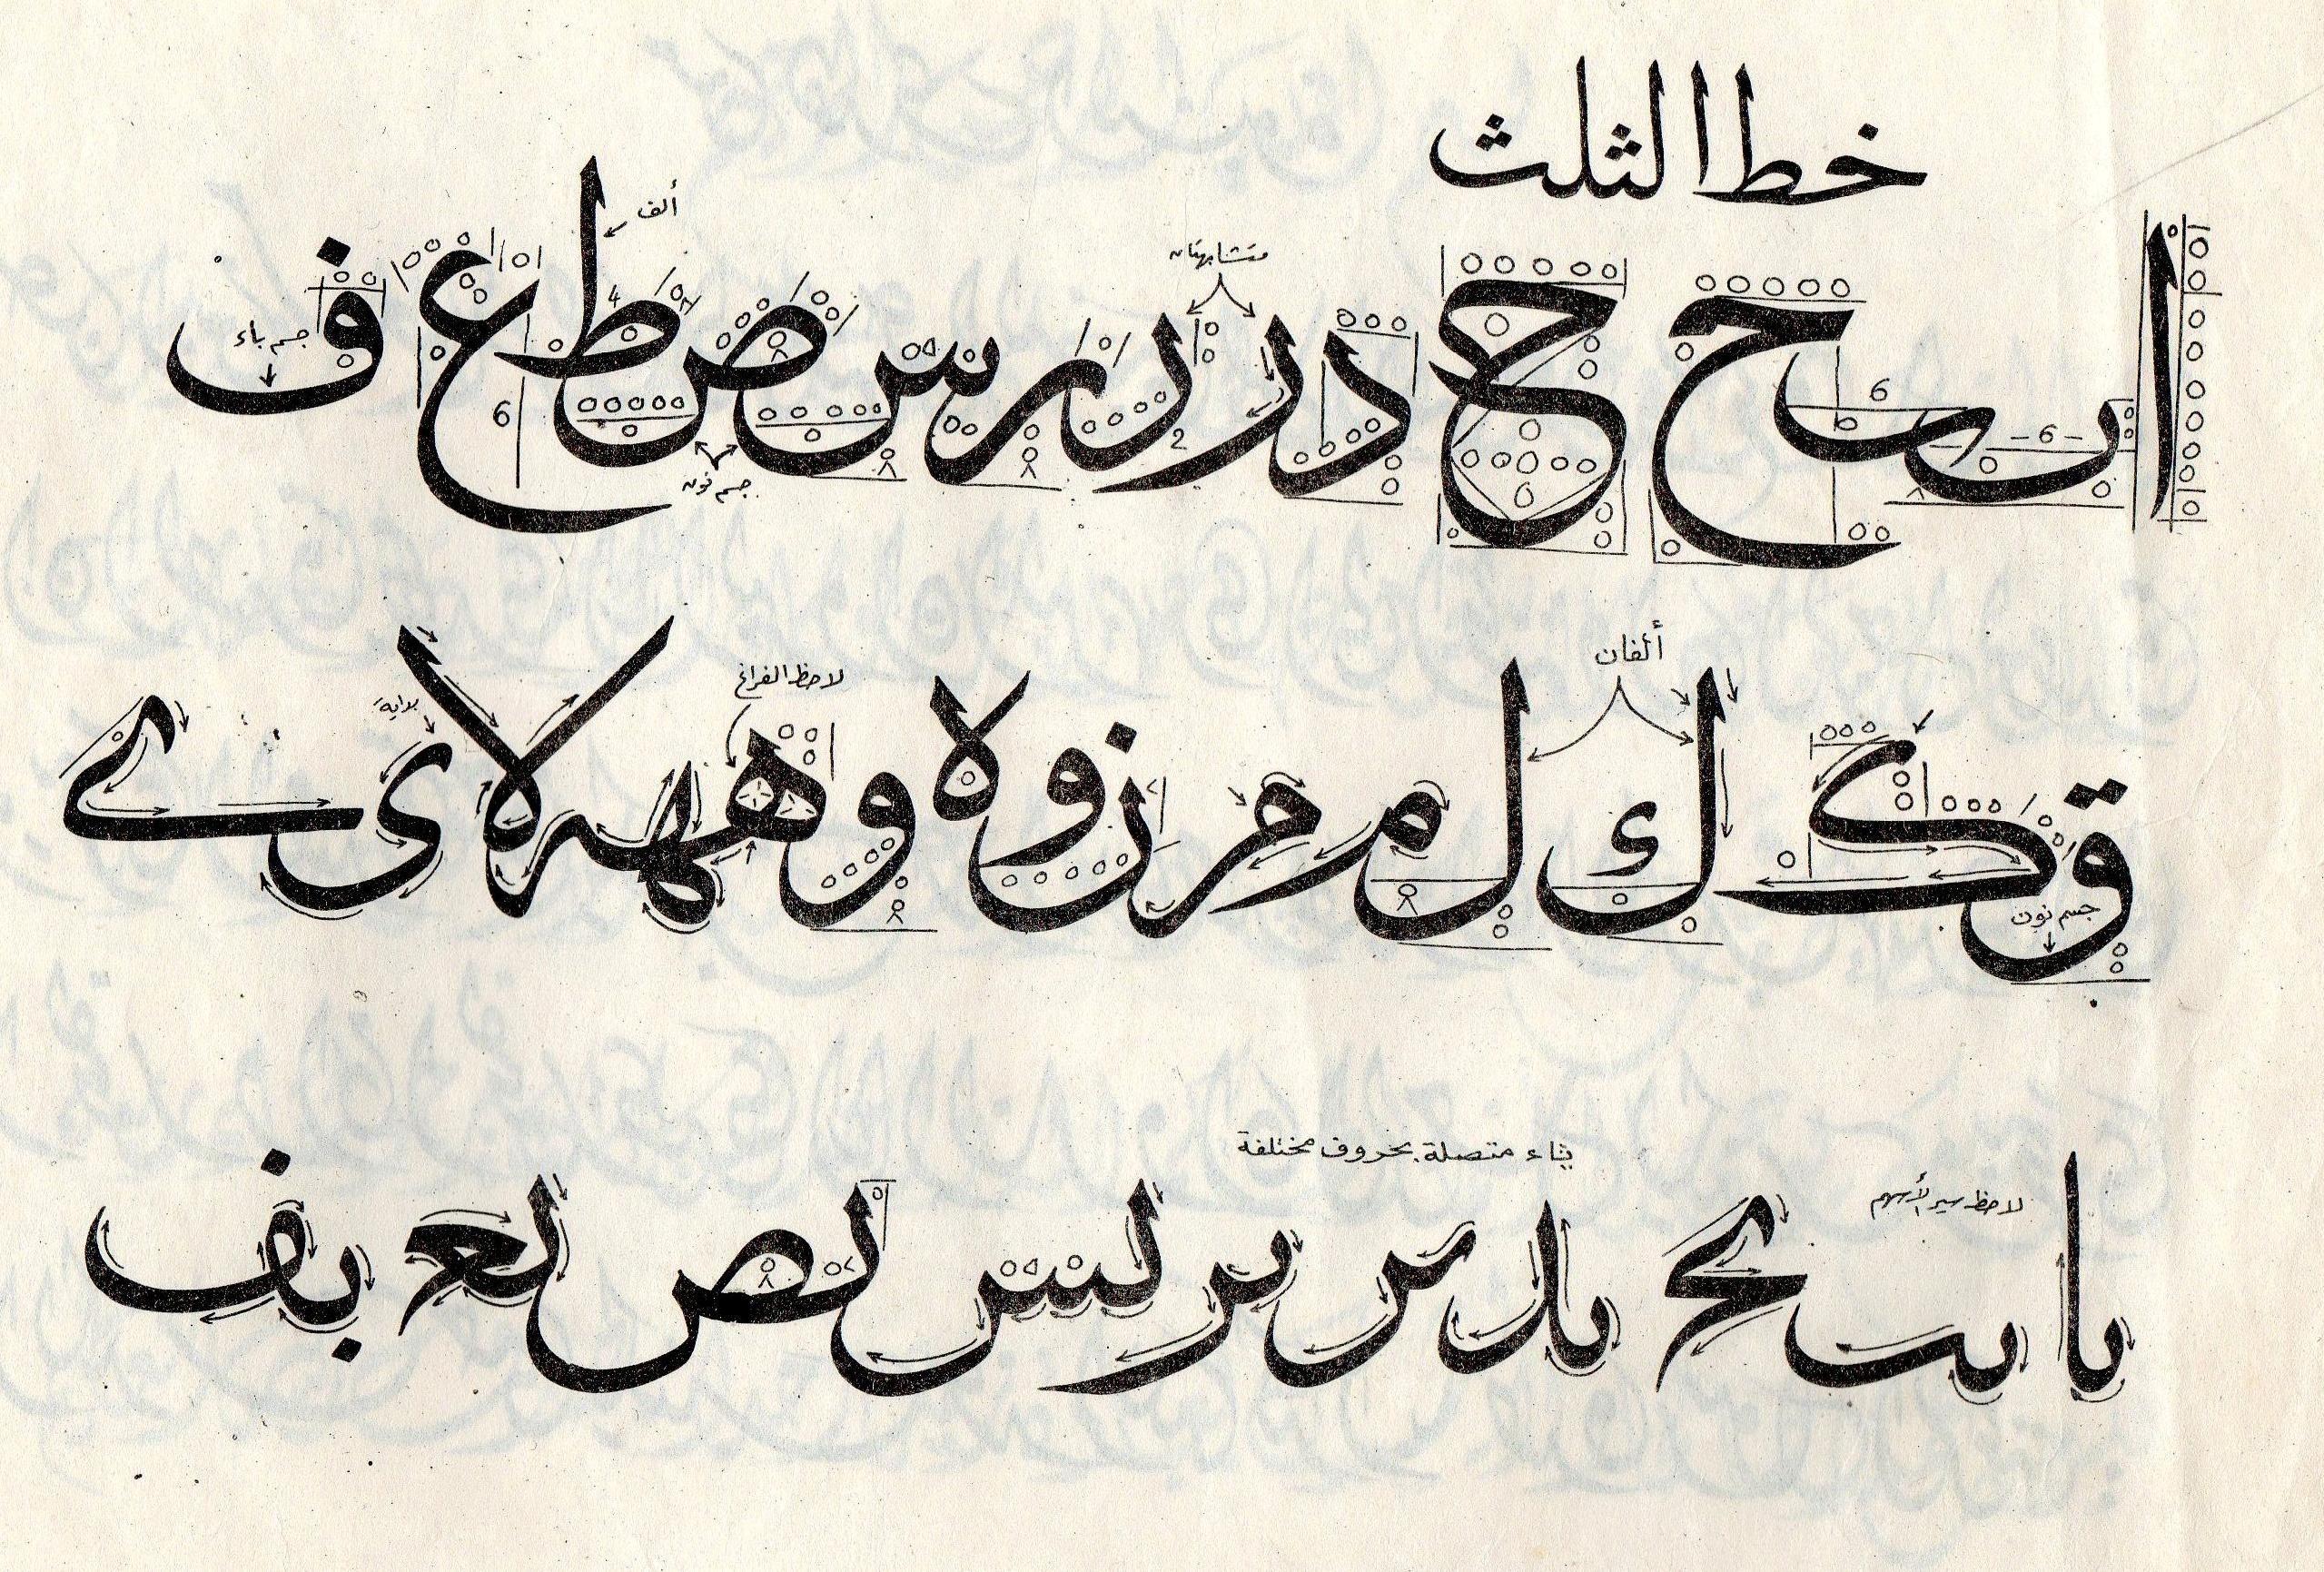 خط الثلث Arapça kaligrafi, Yazı sanatı, Harfler